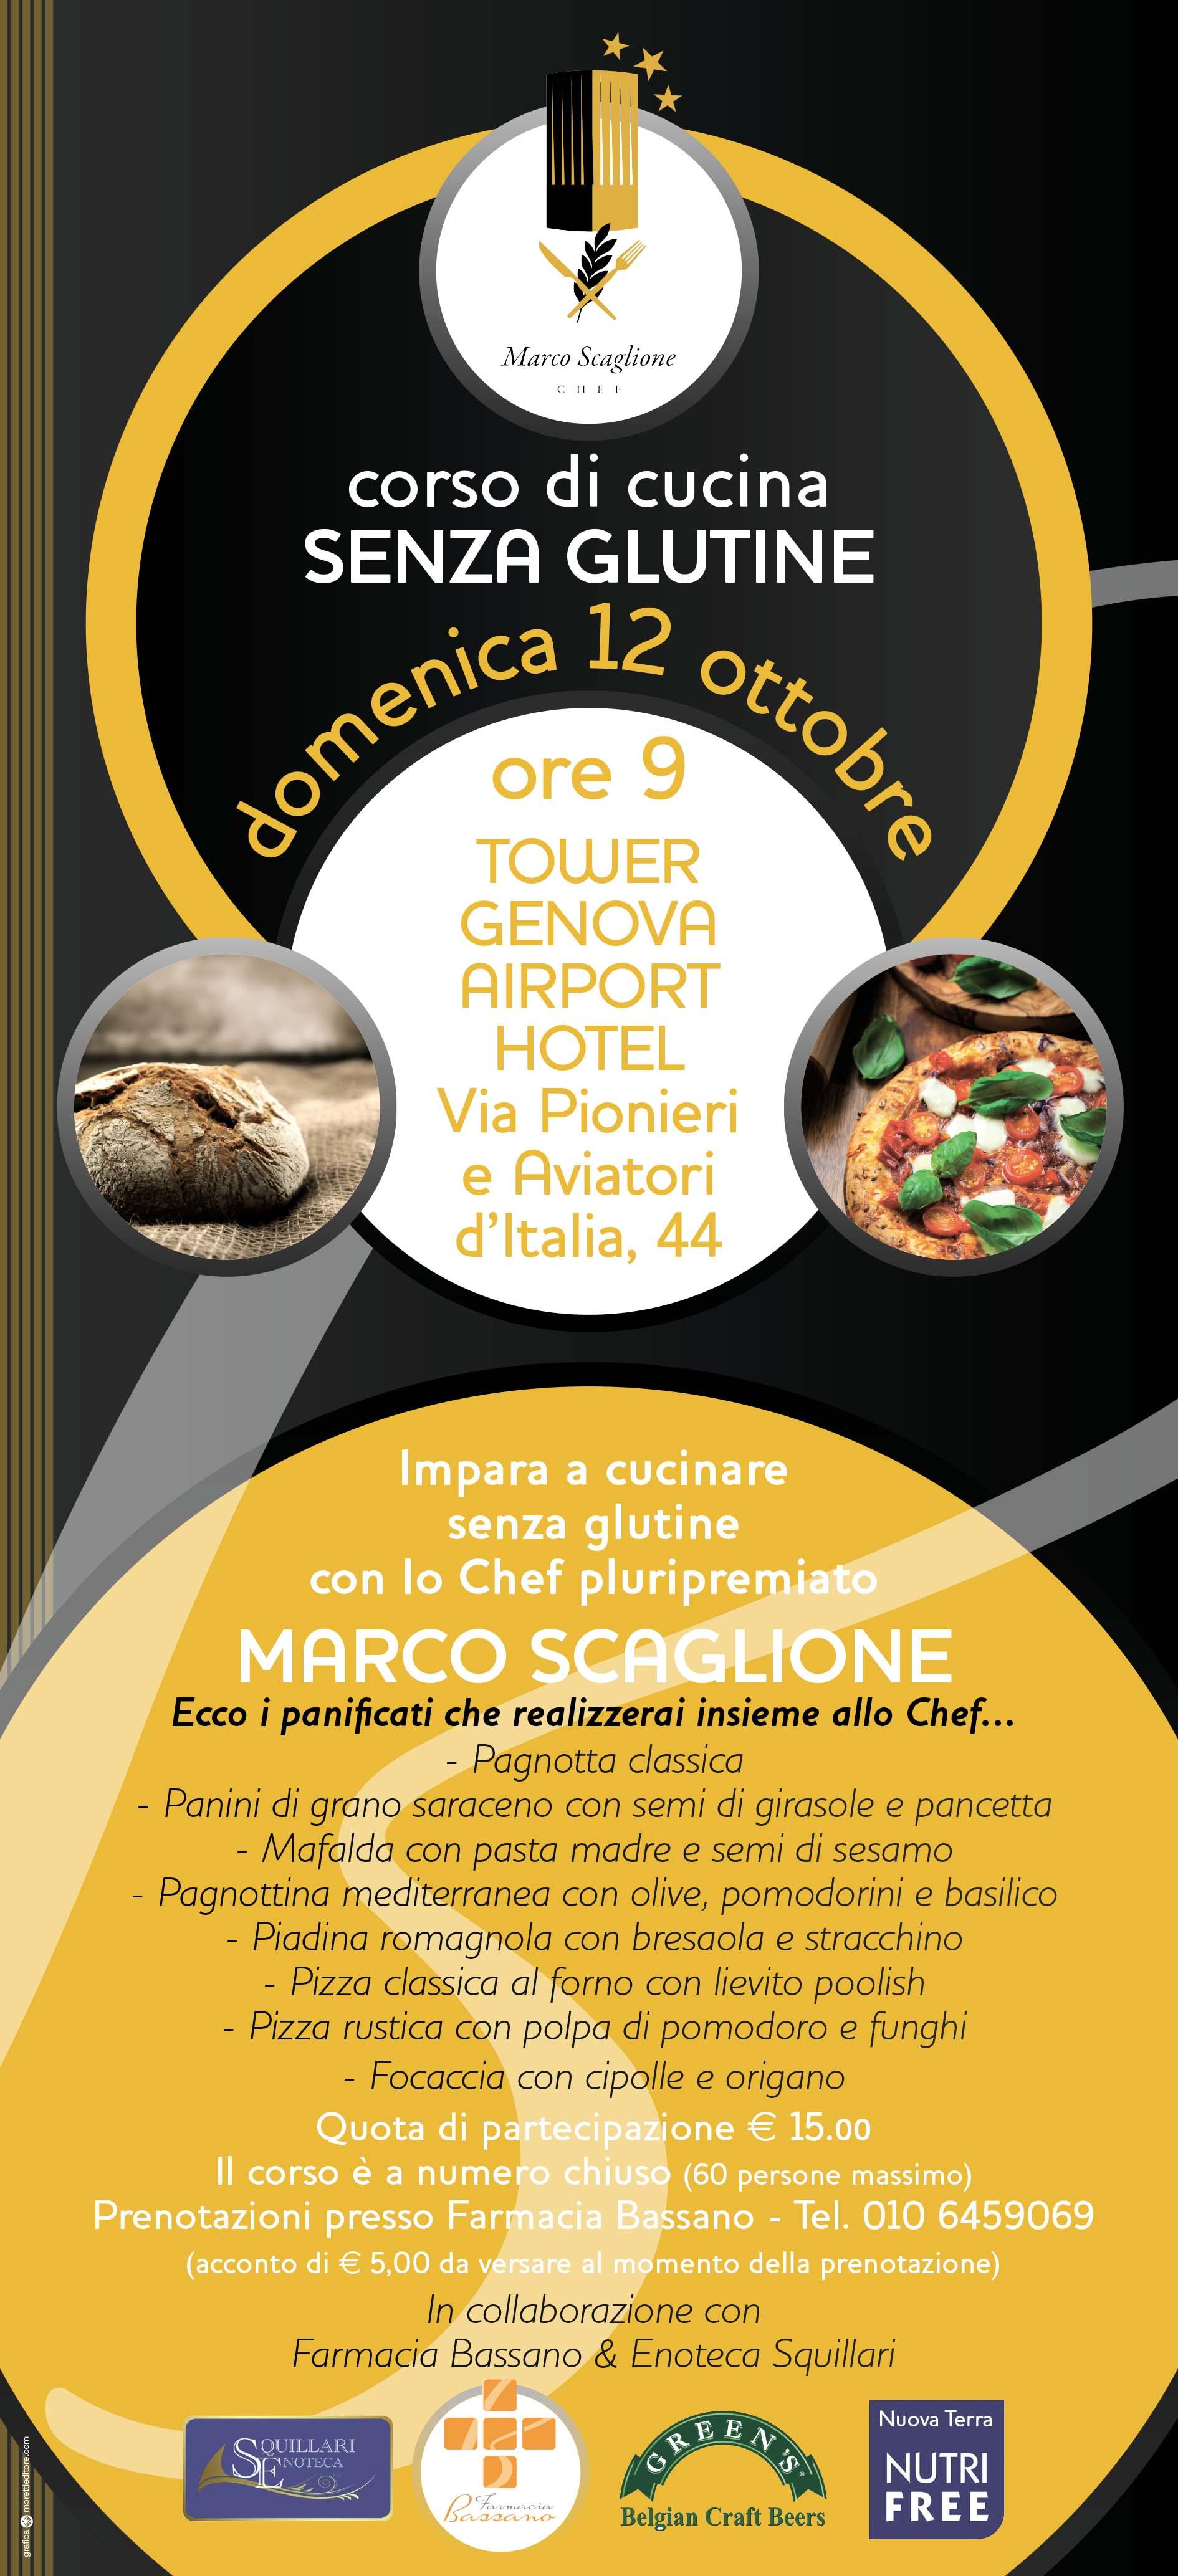 Corso di Cucina senza Glutine con lo Chef MARCO SCAGLIONE